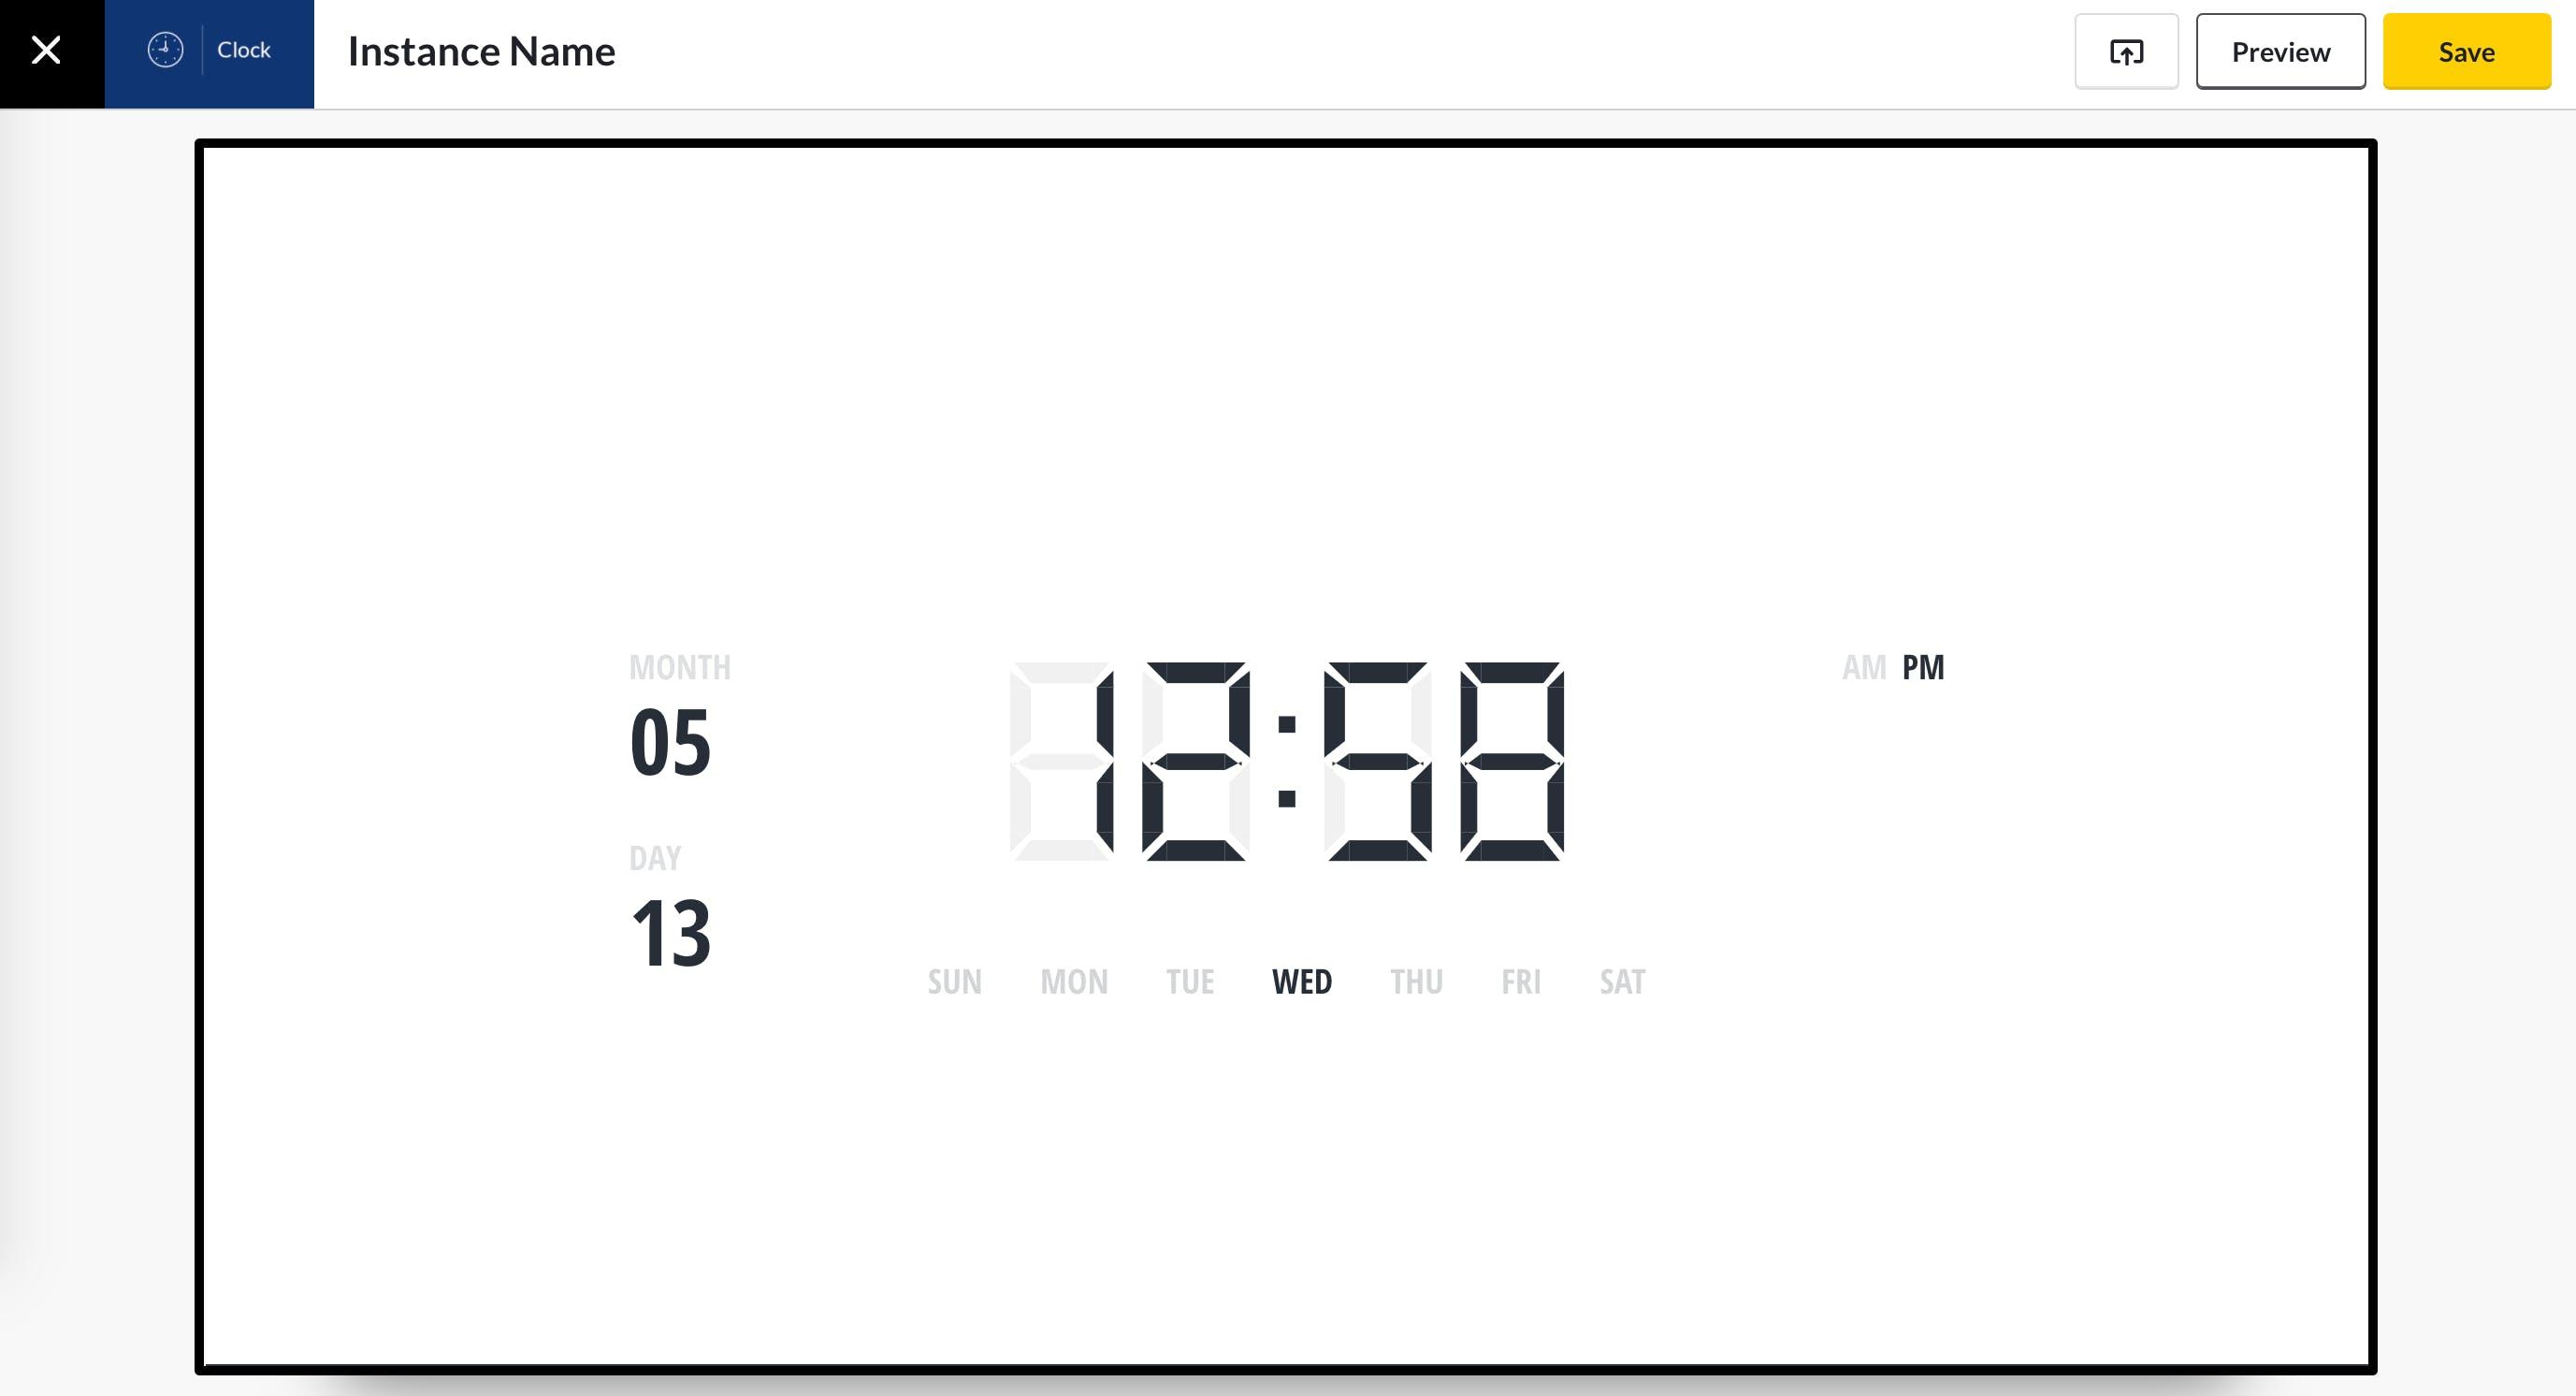 Clock App Guide - Preview app 5.13.2020.png